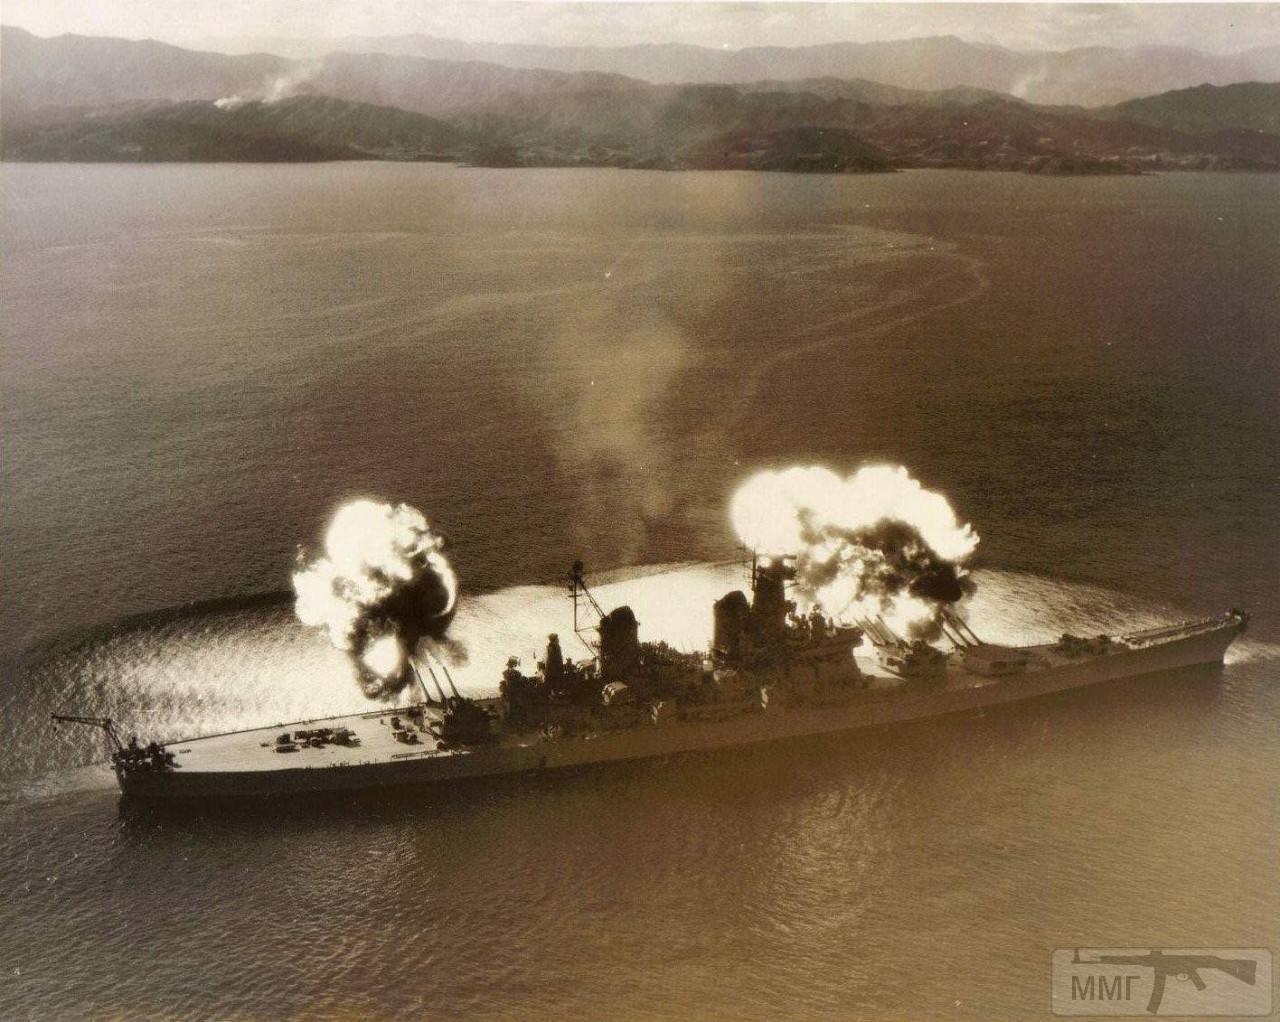 61527 - Война в Корее (25.06.1950 - 27.07.1953)